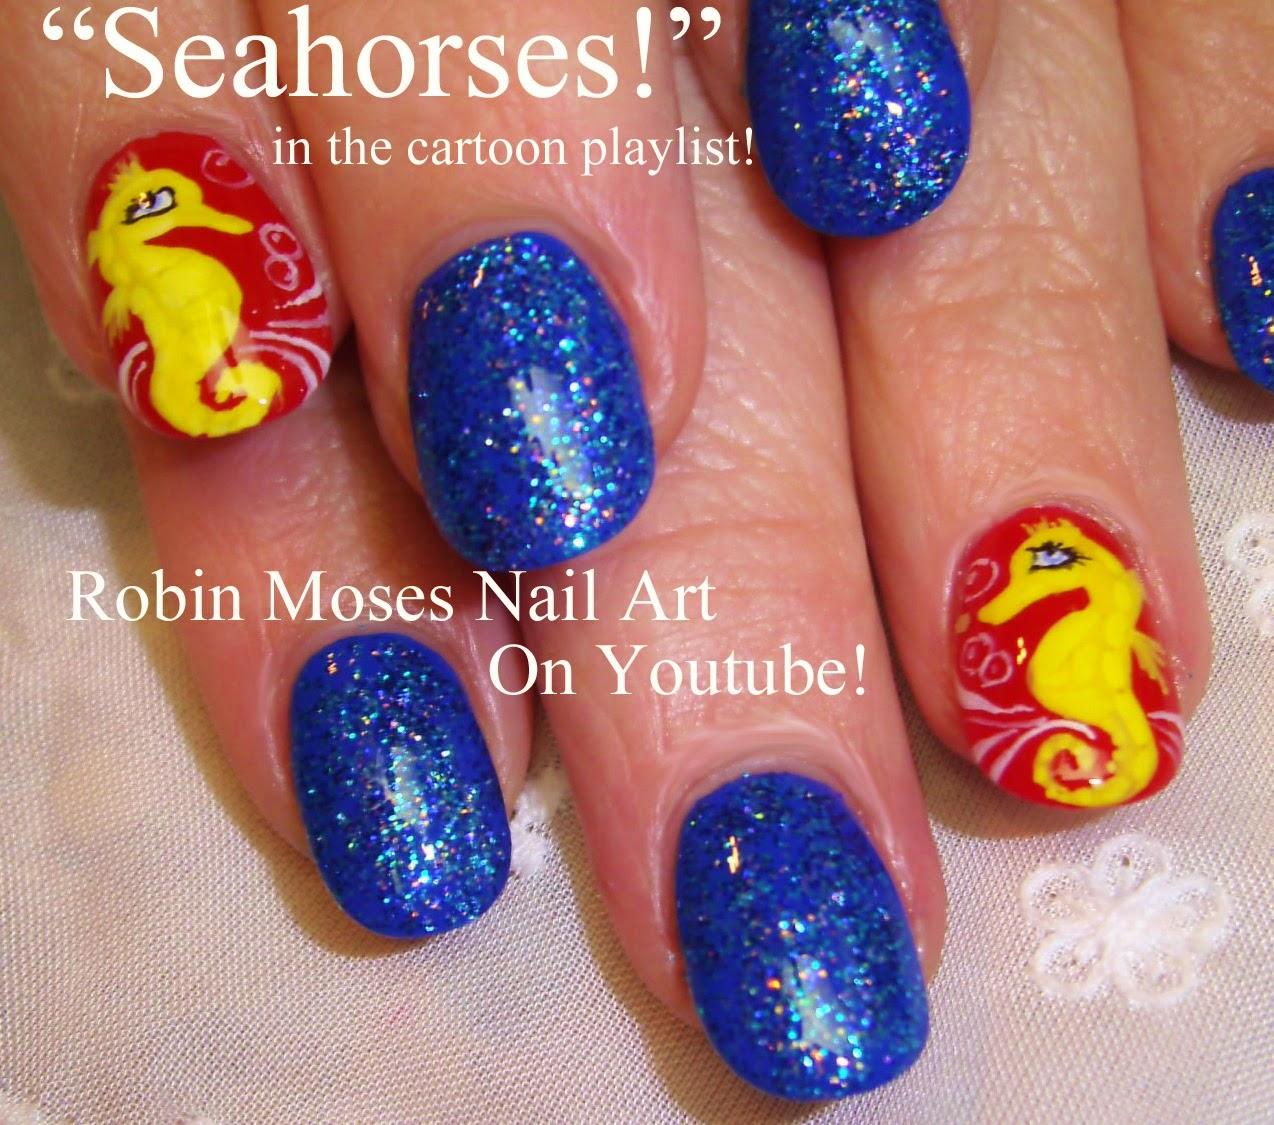 Robin moses nail art seahorse nails nail art seahorses seahorse nails nail art seahorses nautical nails summer nails fish nail art aquarium nails sailor jerry boat nails octopus nails prinsesfo Image collections